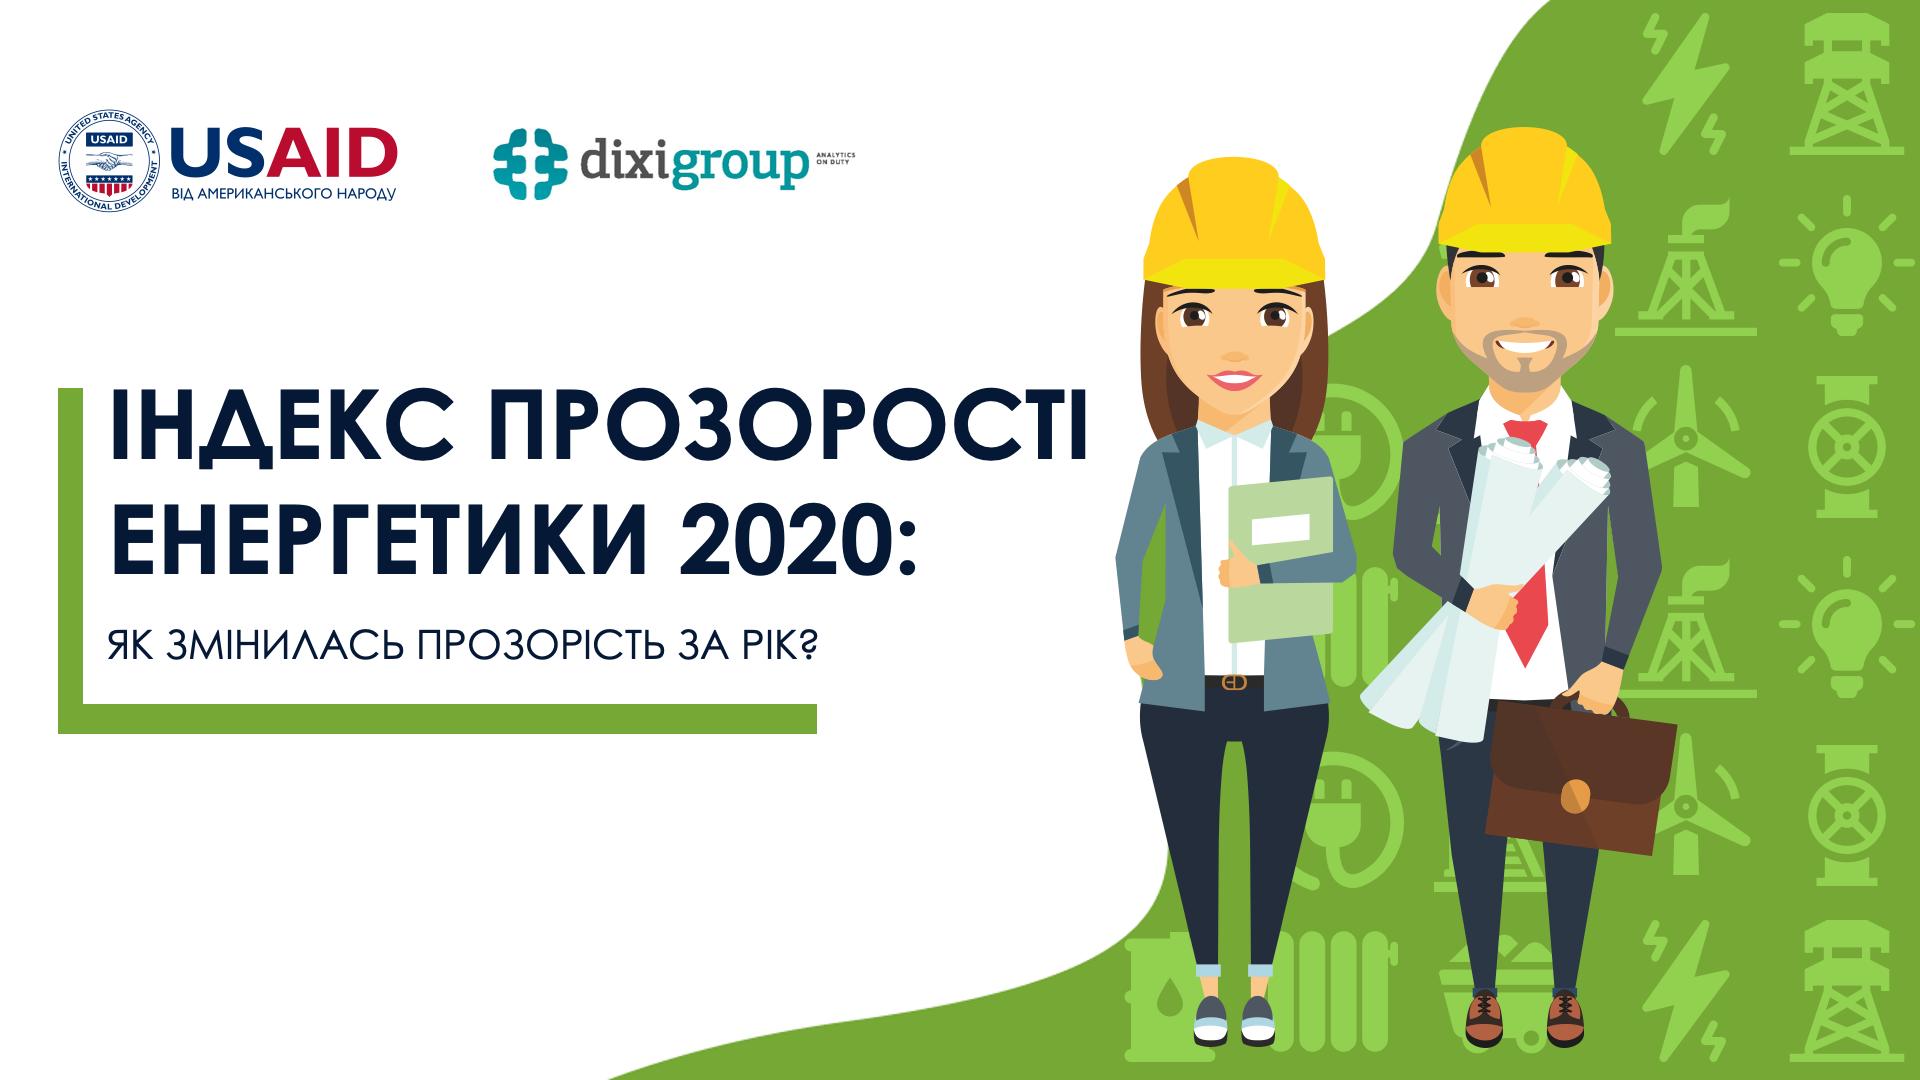 Індекс прозорості енергетики України 2020: інформаційна відкритість сектору покращилася